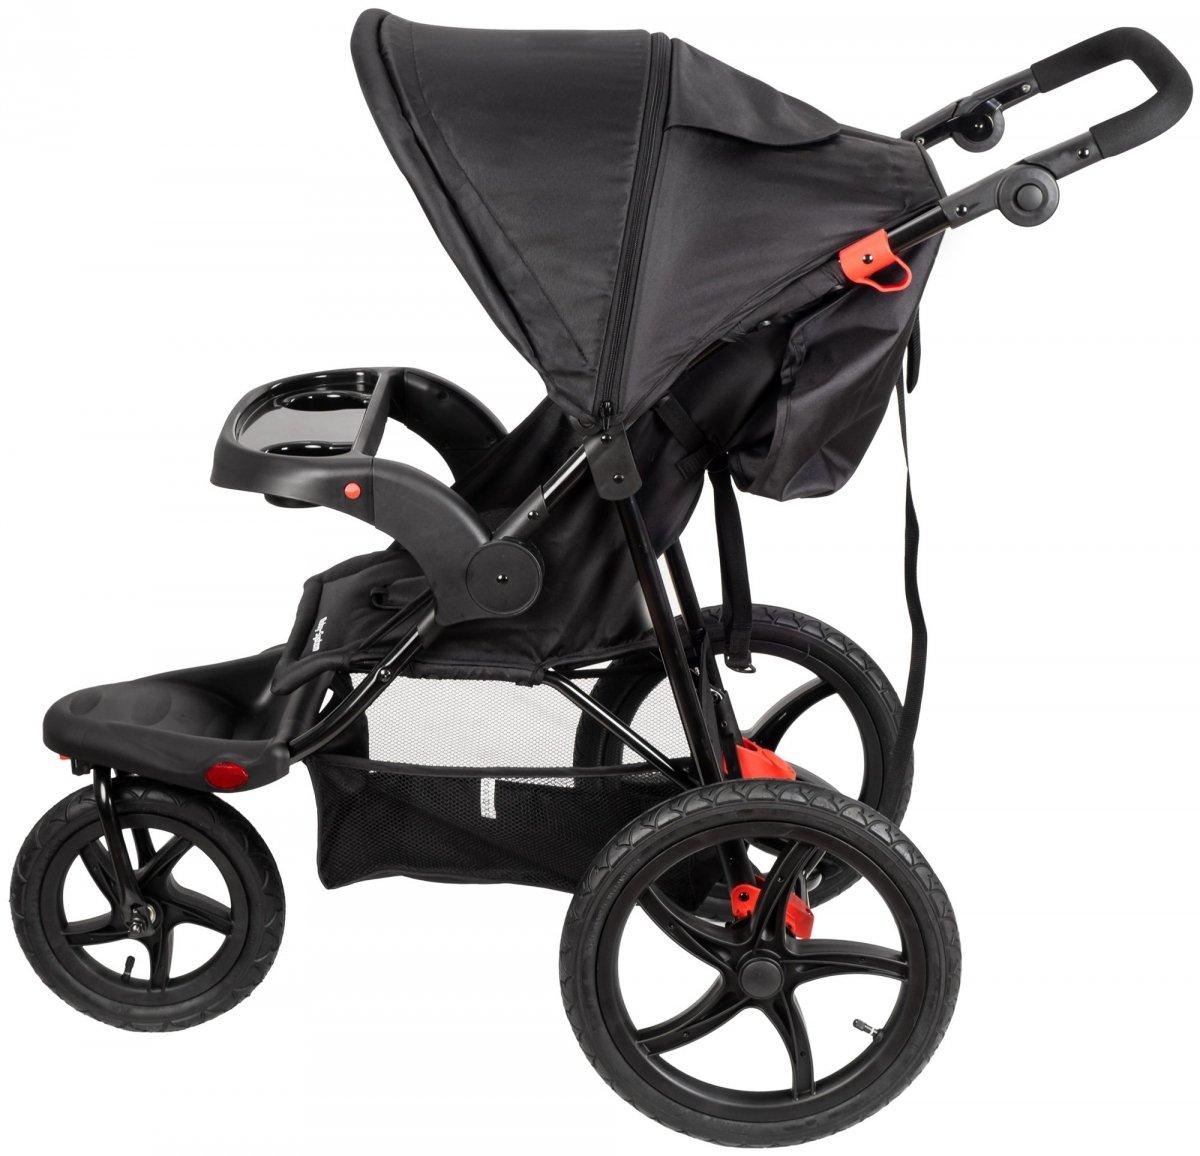 Wózek biegowy+spacerowy dziecięcy 0m+ Moby-System MOUNTAIN